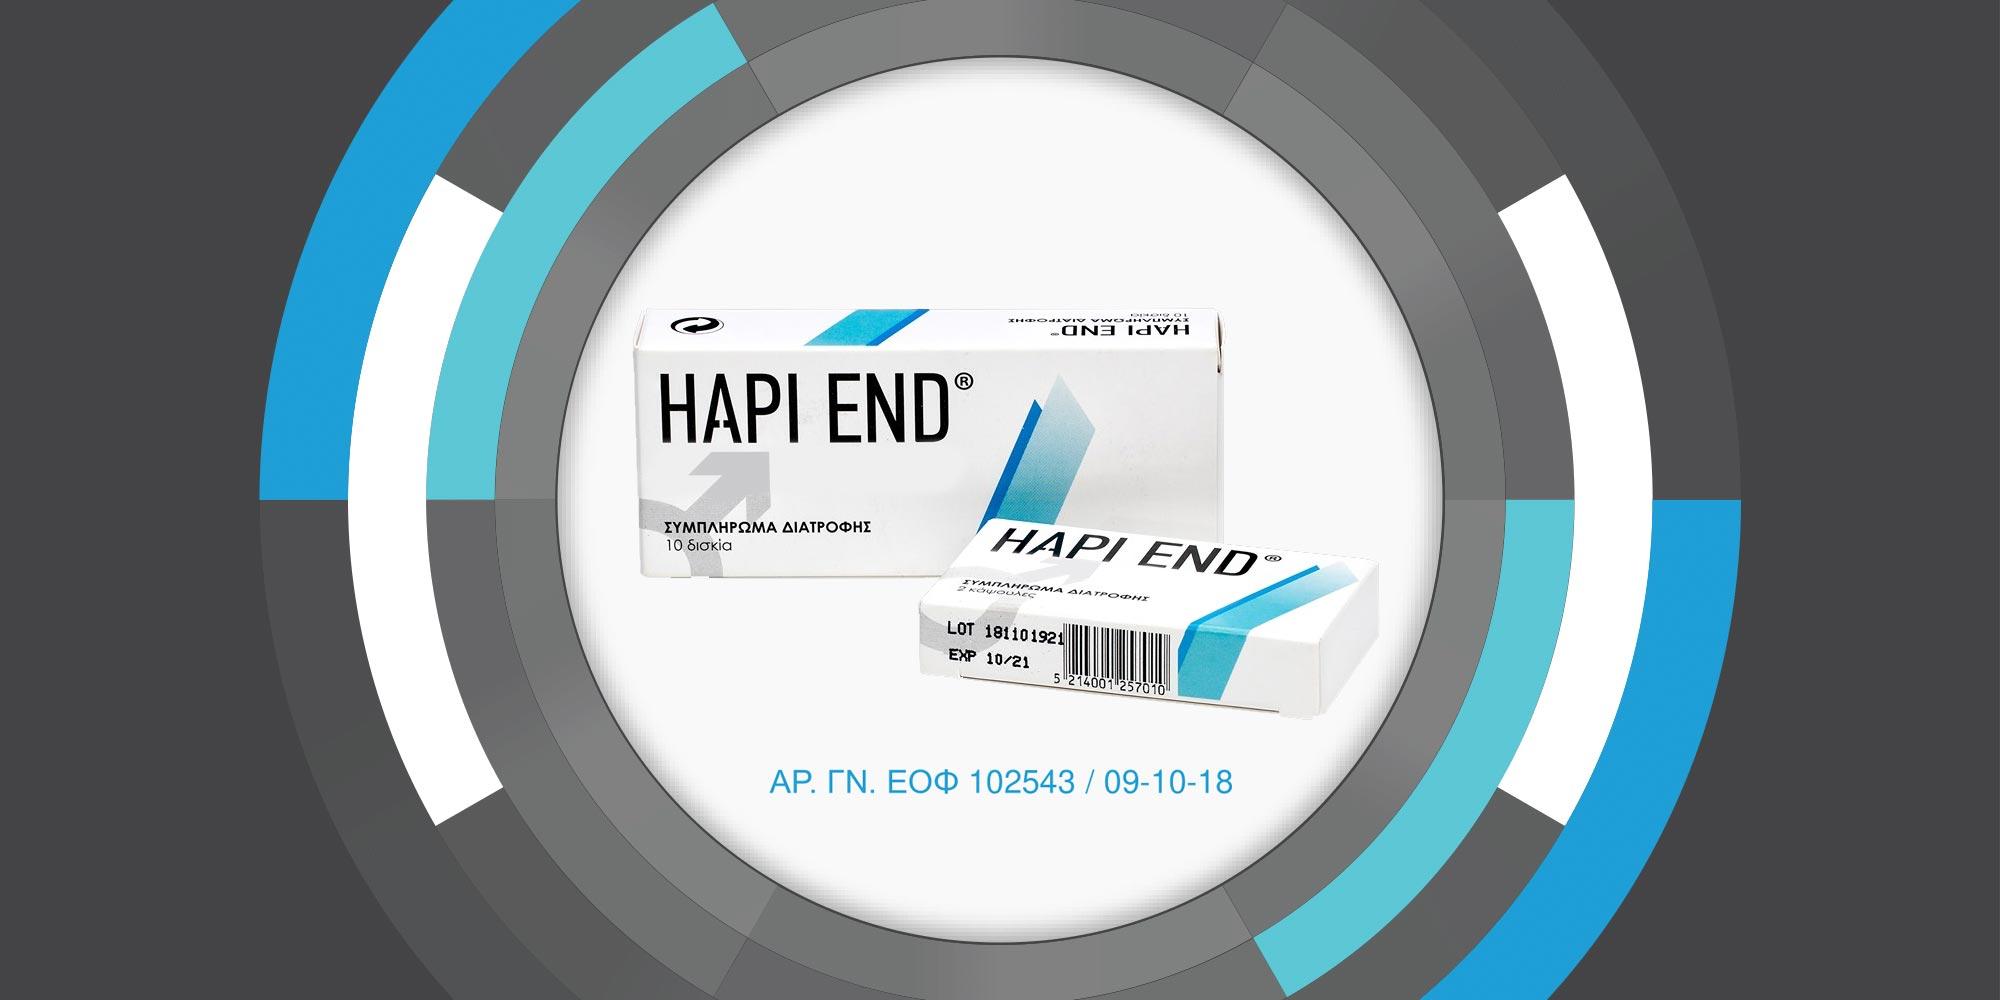 hapiend-header